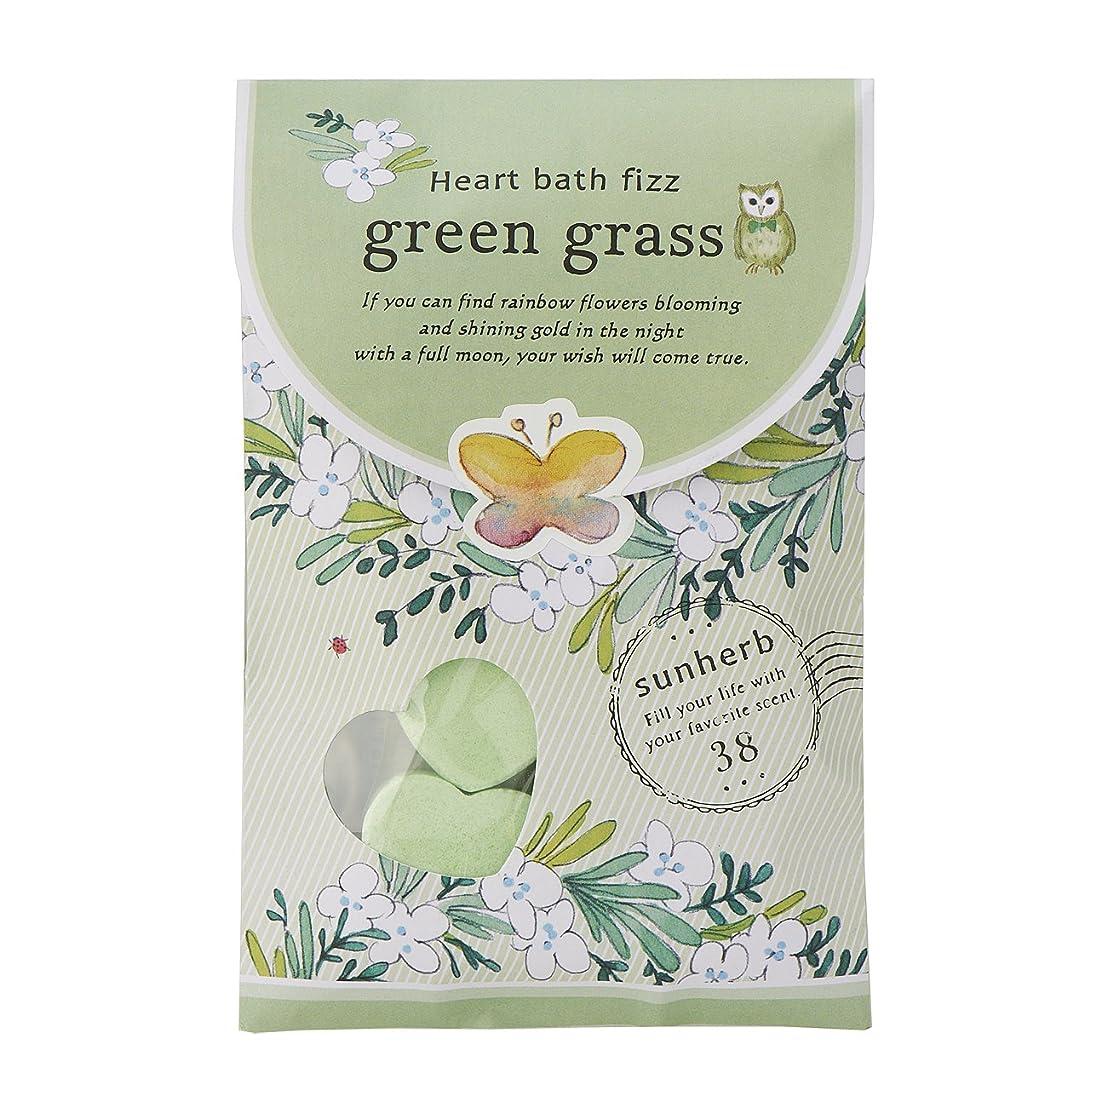 白菜かみそりコロニーサンハーブ ハートバスフィズ28g×2包 グリーングラス(発泡タイプの入浴料 爽やかでちょっと大人の香り)